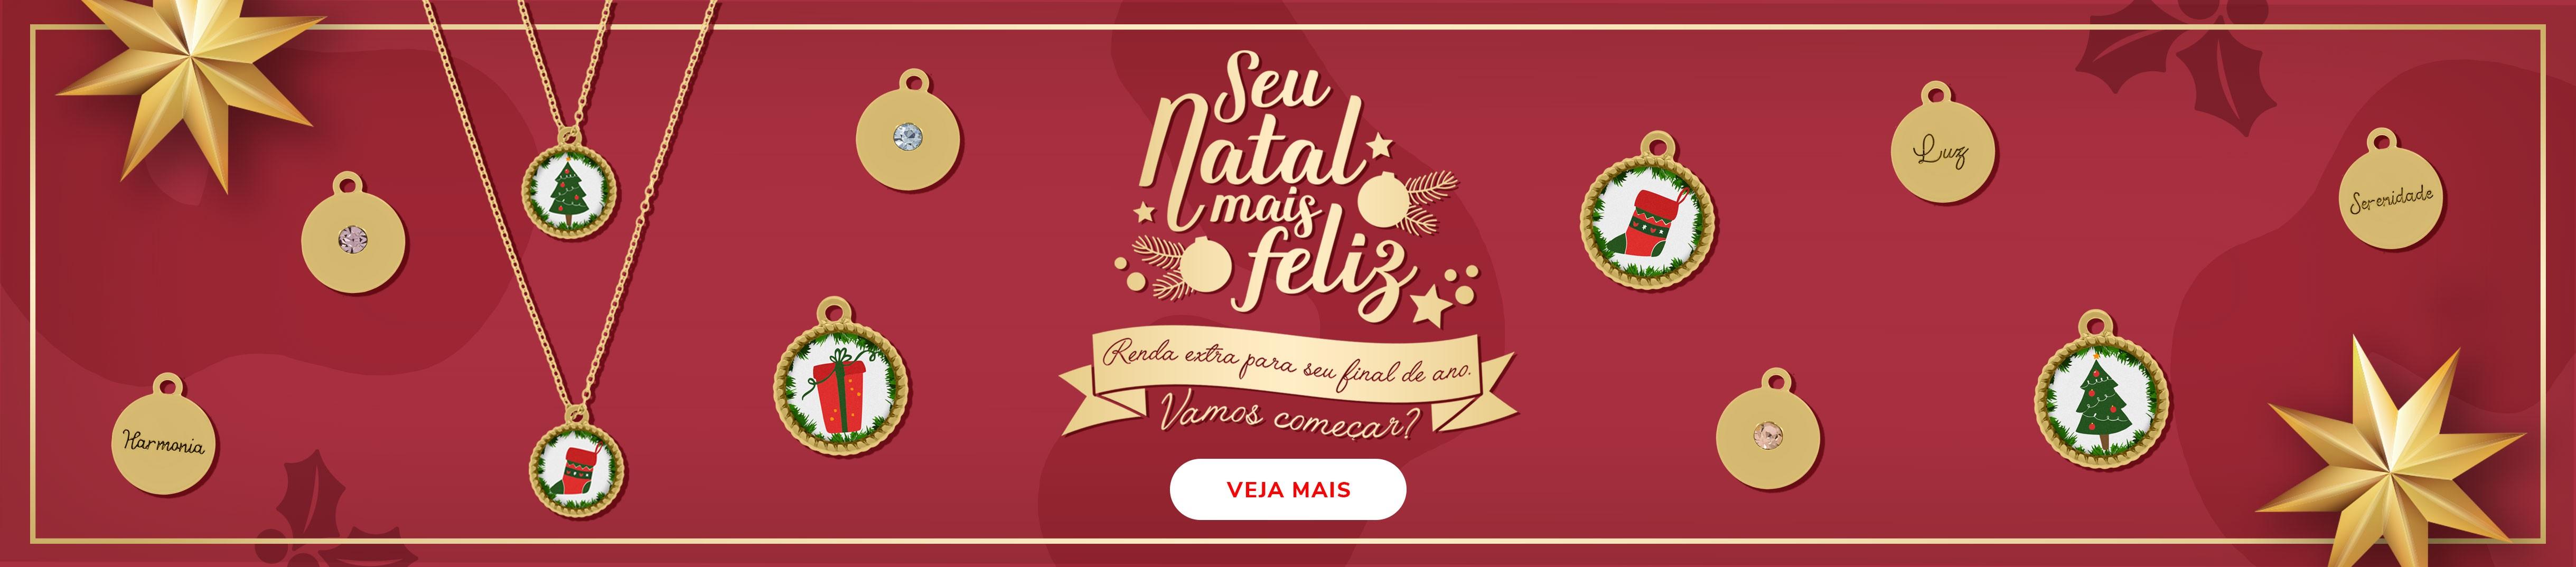 Seu Natal Mais Feliz